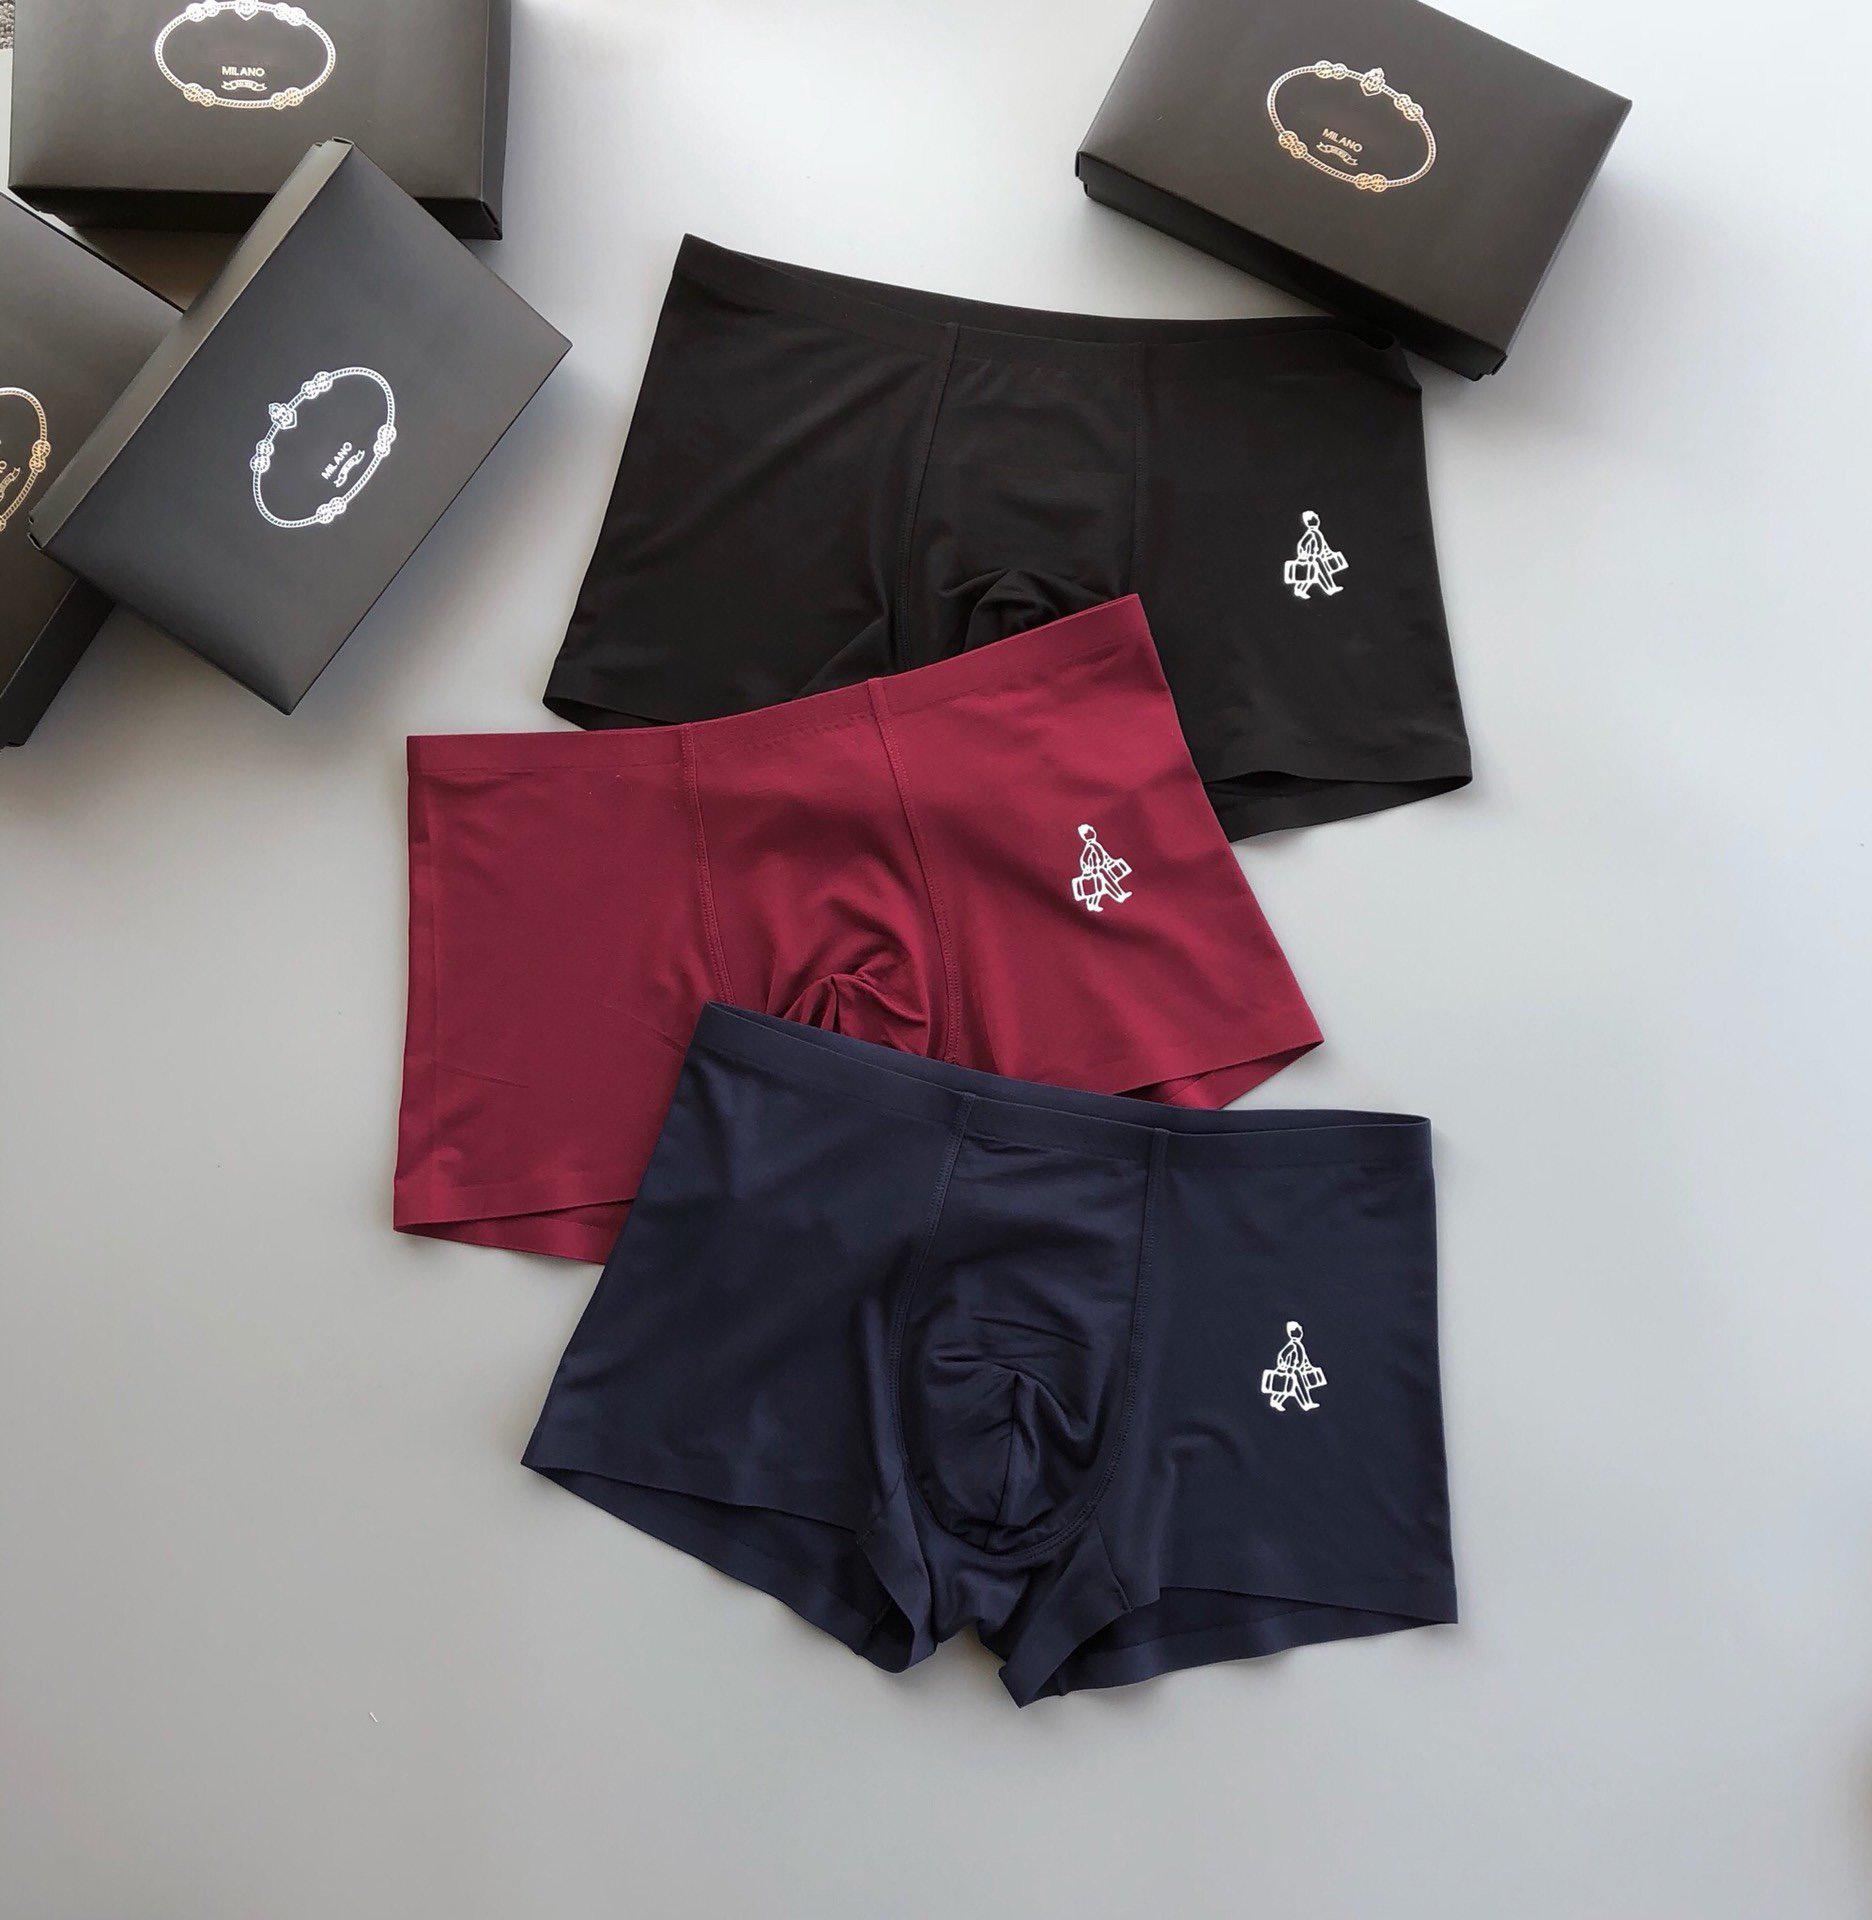 2020 Designer Unterwäsche der Männer klassische Marken-Art-Luxusmode-Qualitäts-Glattfit Kein Curling Eine Schachtel mit drei 3 Farben M-3XL